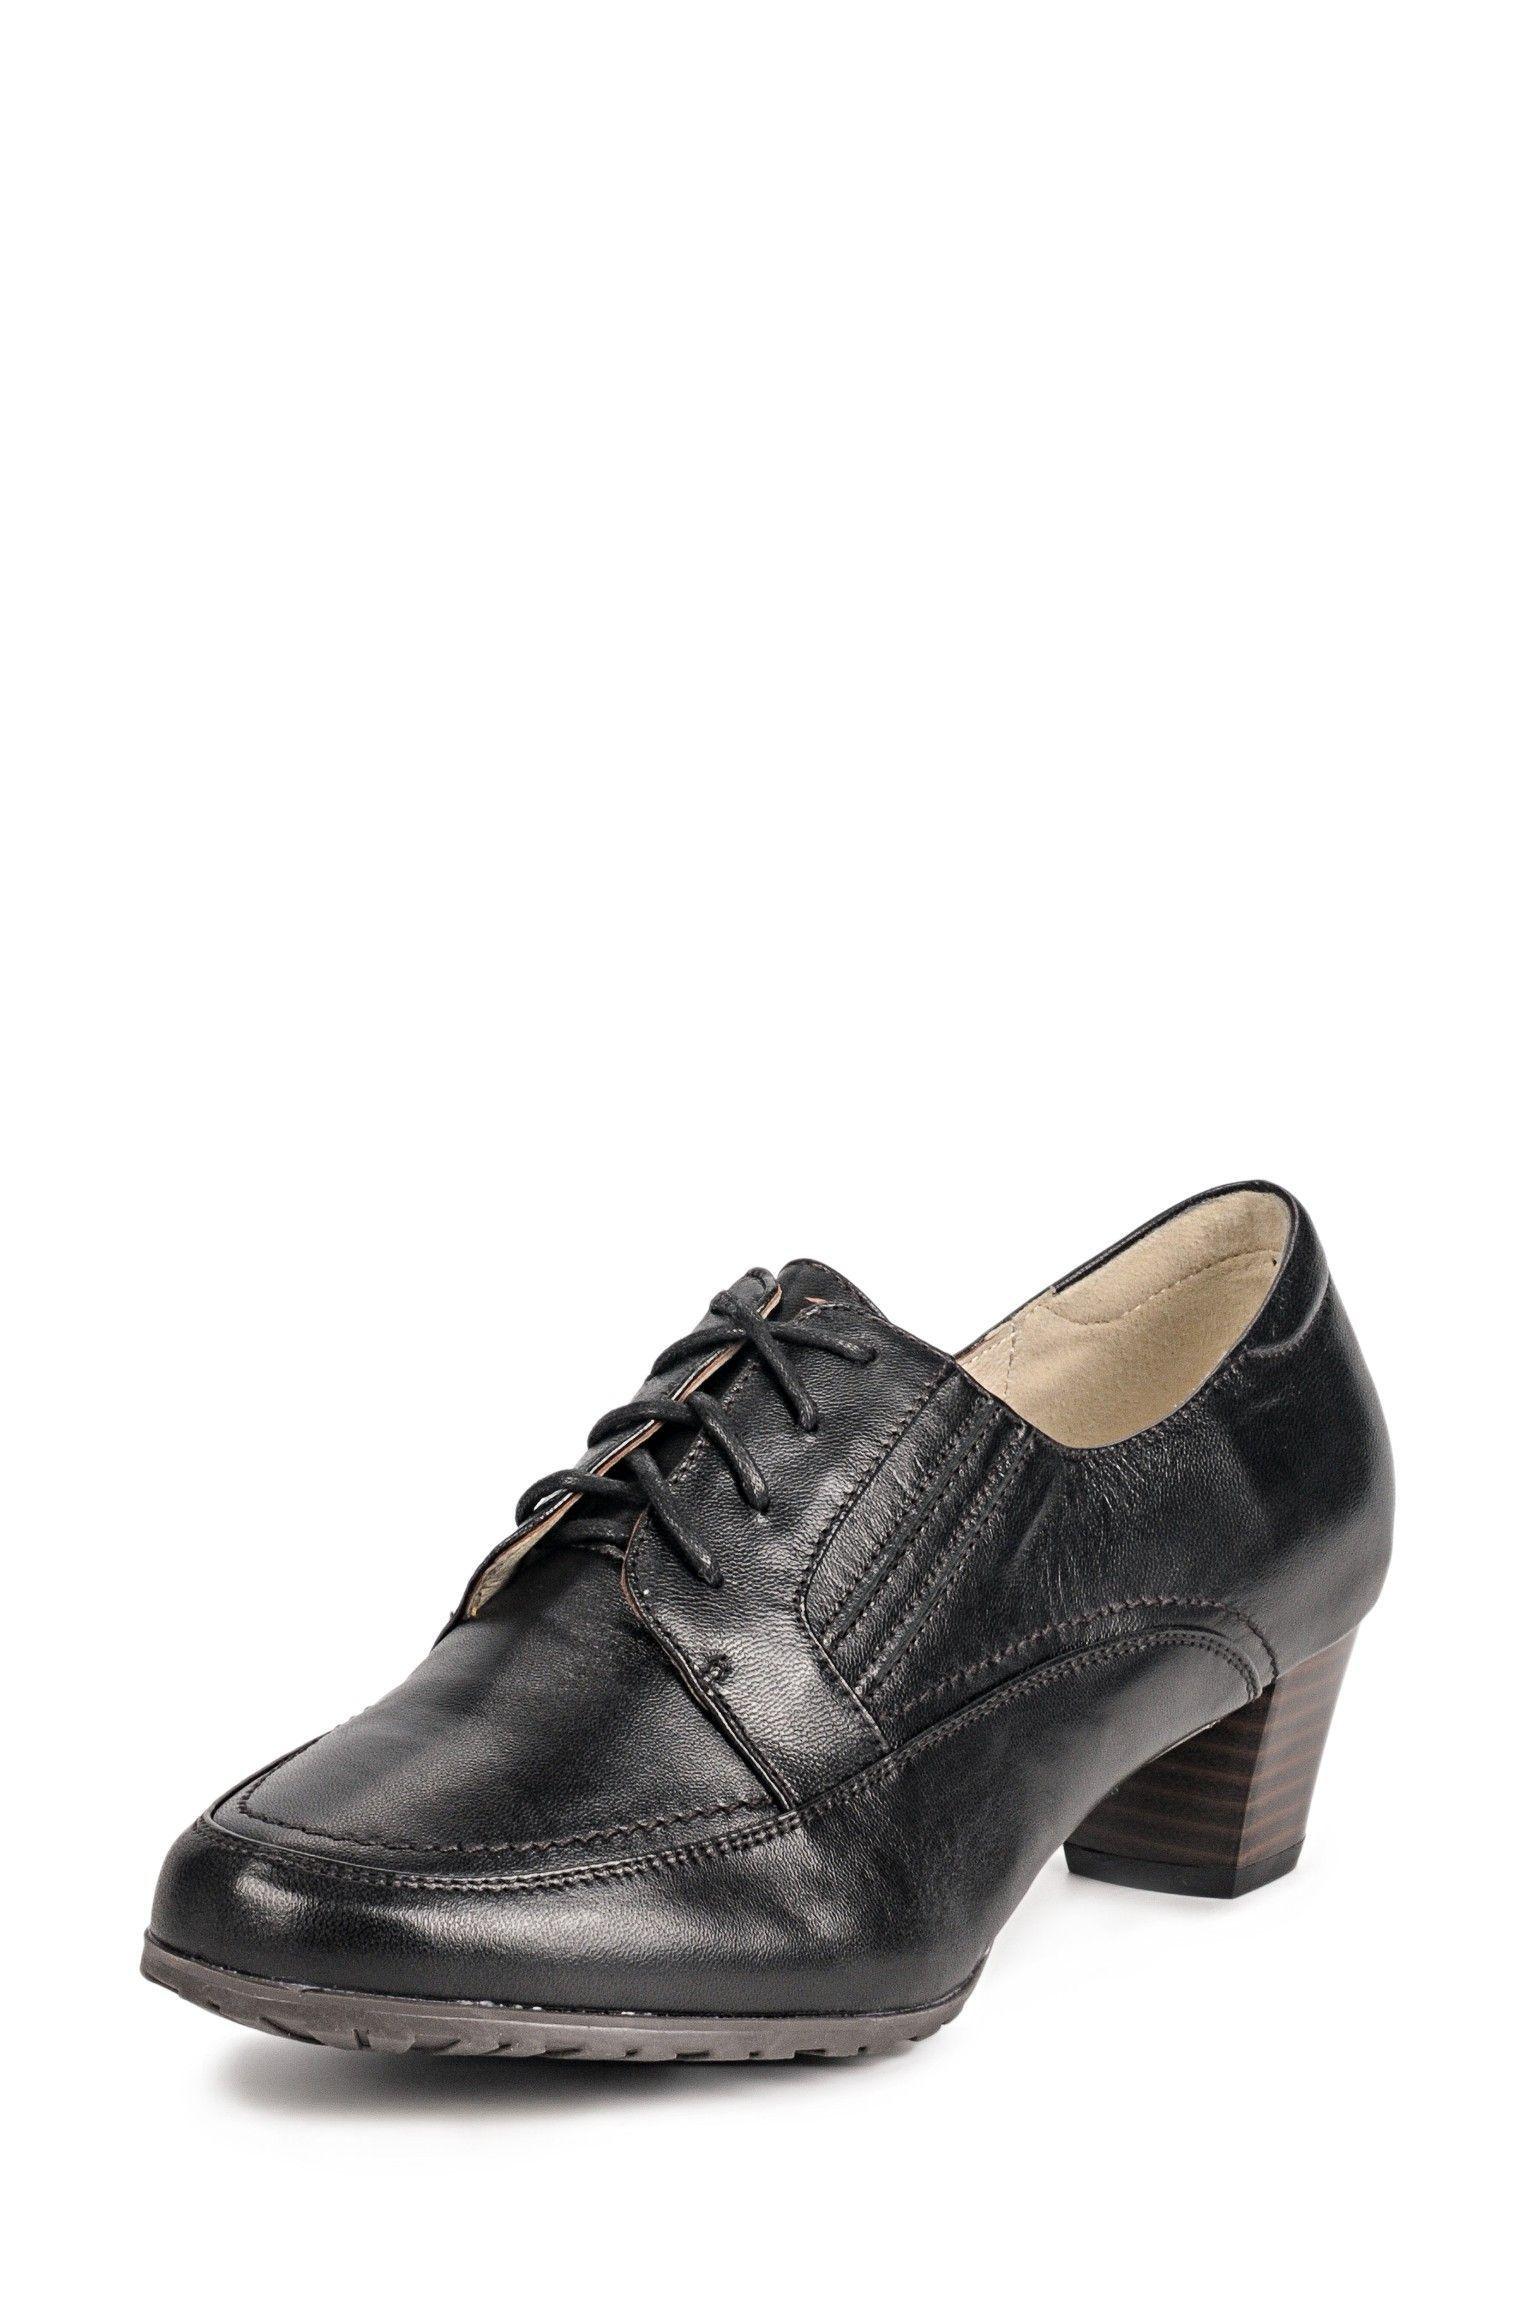 Зенден Интернет Магазин Обуви Тверь